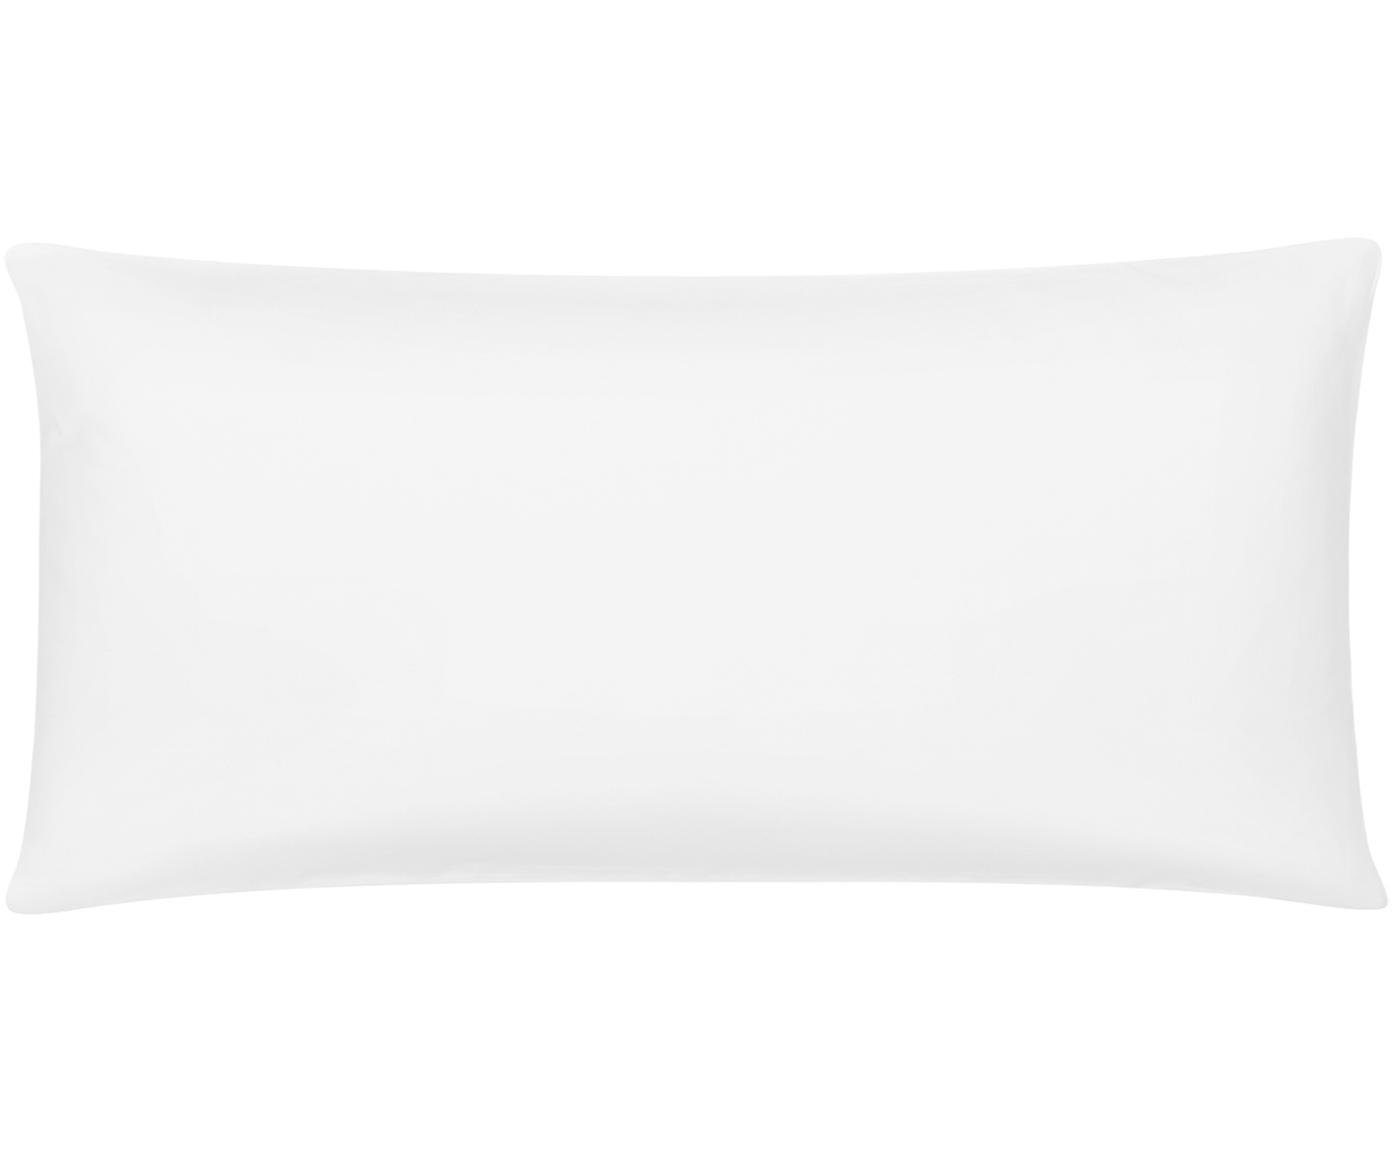 Bambus-Kissenbezüge Skye in Weiß, 2 Stück, 55% Bambus, 45% Baumwolle  Fadendichte 400 TC, Premium Qualität  Bambus ist hypoallergen und antibakteriell. Daher eignet das Material sich hervorragend für empfindliche Haut. Es ist amungsaktiv und absorbiert Feuchtigkeit, um so die Körpertemperatur im Schlaf zu regulieren., Weiß, 40 x 80 cm